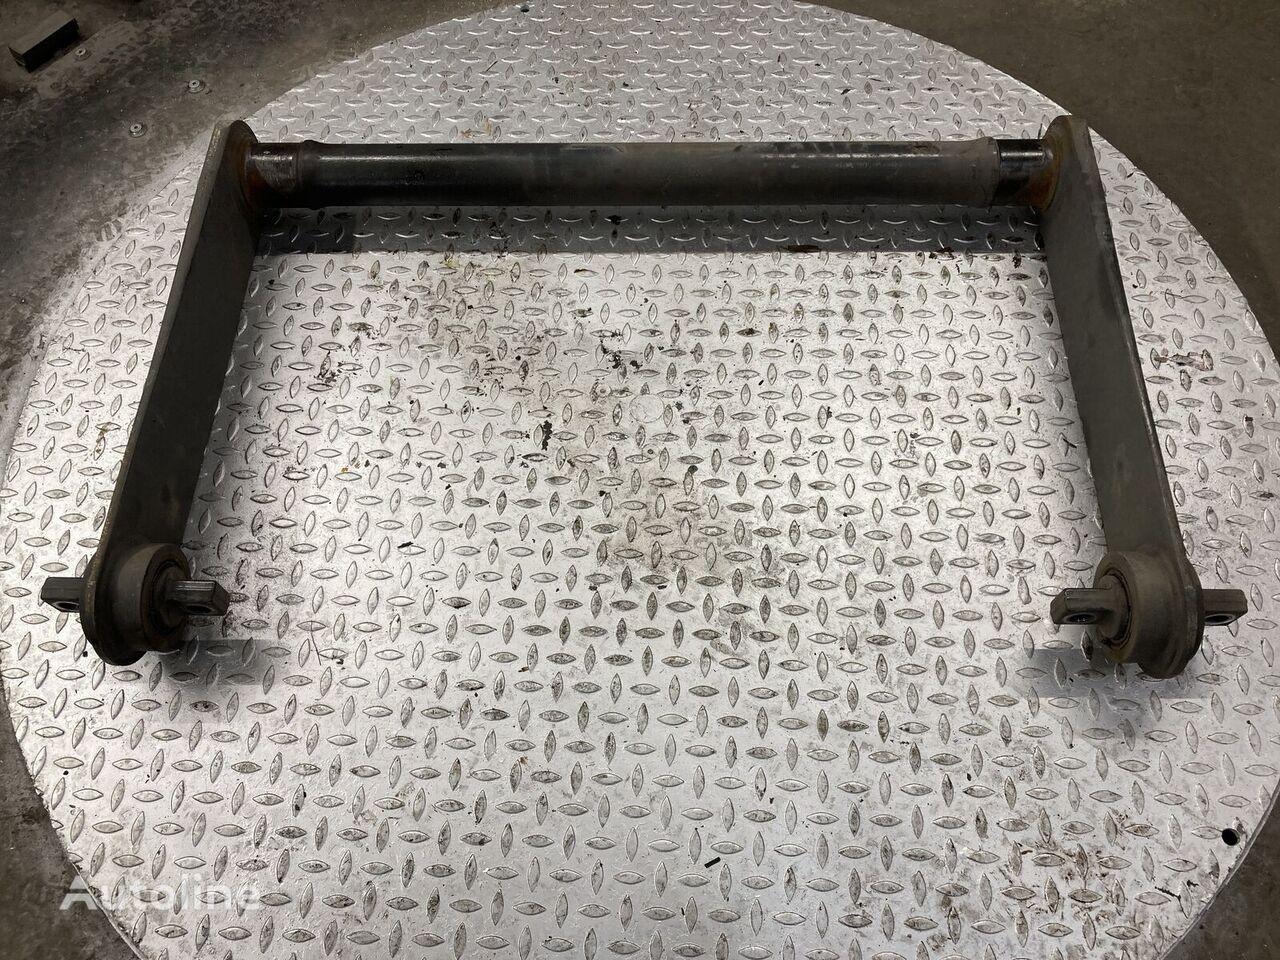 Torsiestaaf achteras Ersatzteile für MERCEDES-BENZ Torsiestaaf achteras LKW